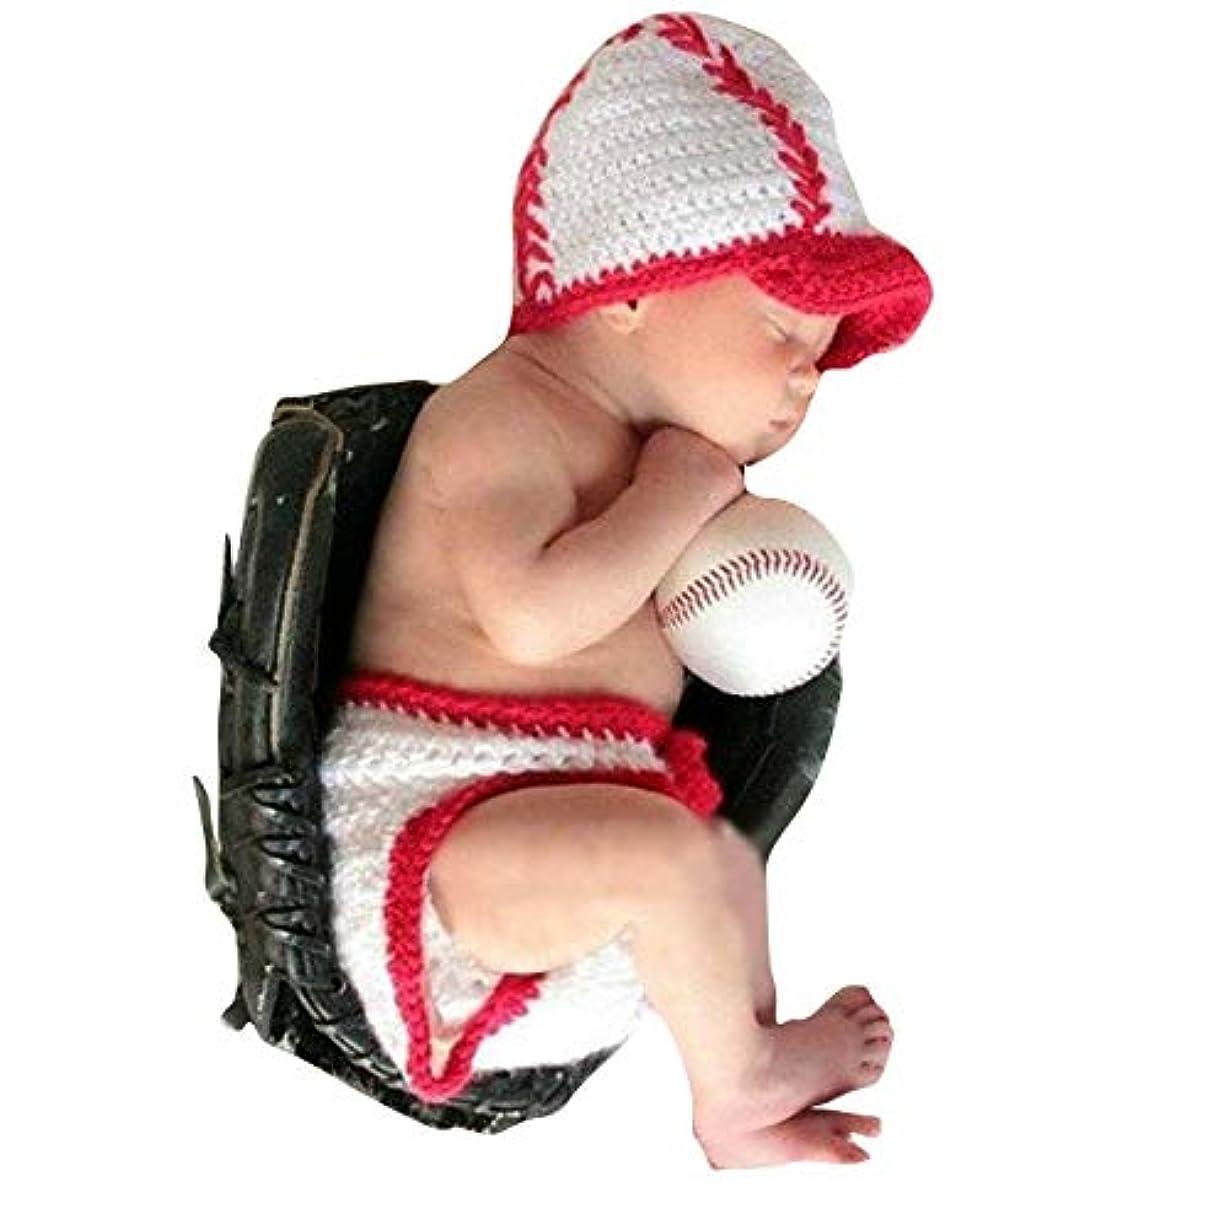 蒸し器クレタ間接的MISFIY ベビー服 新生児 赤ちゃん服 写真 誕生記念 出産祝い コスチューム 寝相アート 仮装 かわいい (野球)